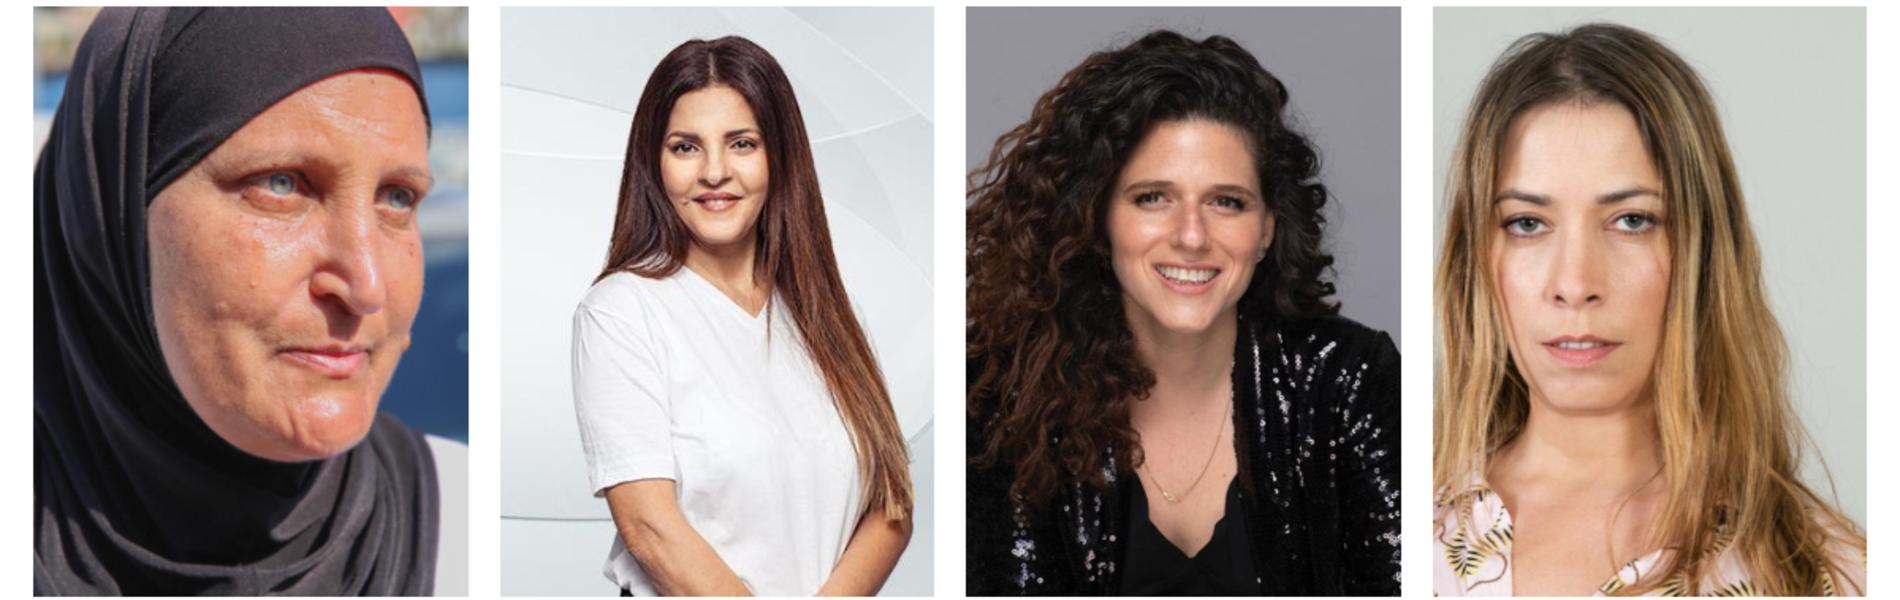 13 מדליקות המשואה של און לייף: הנשים שעשו לנו את השנה